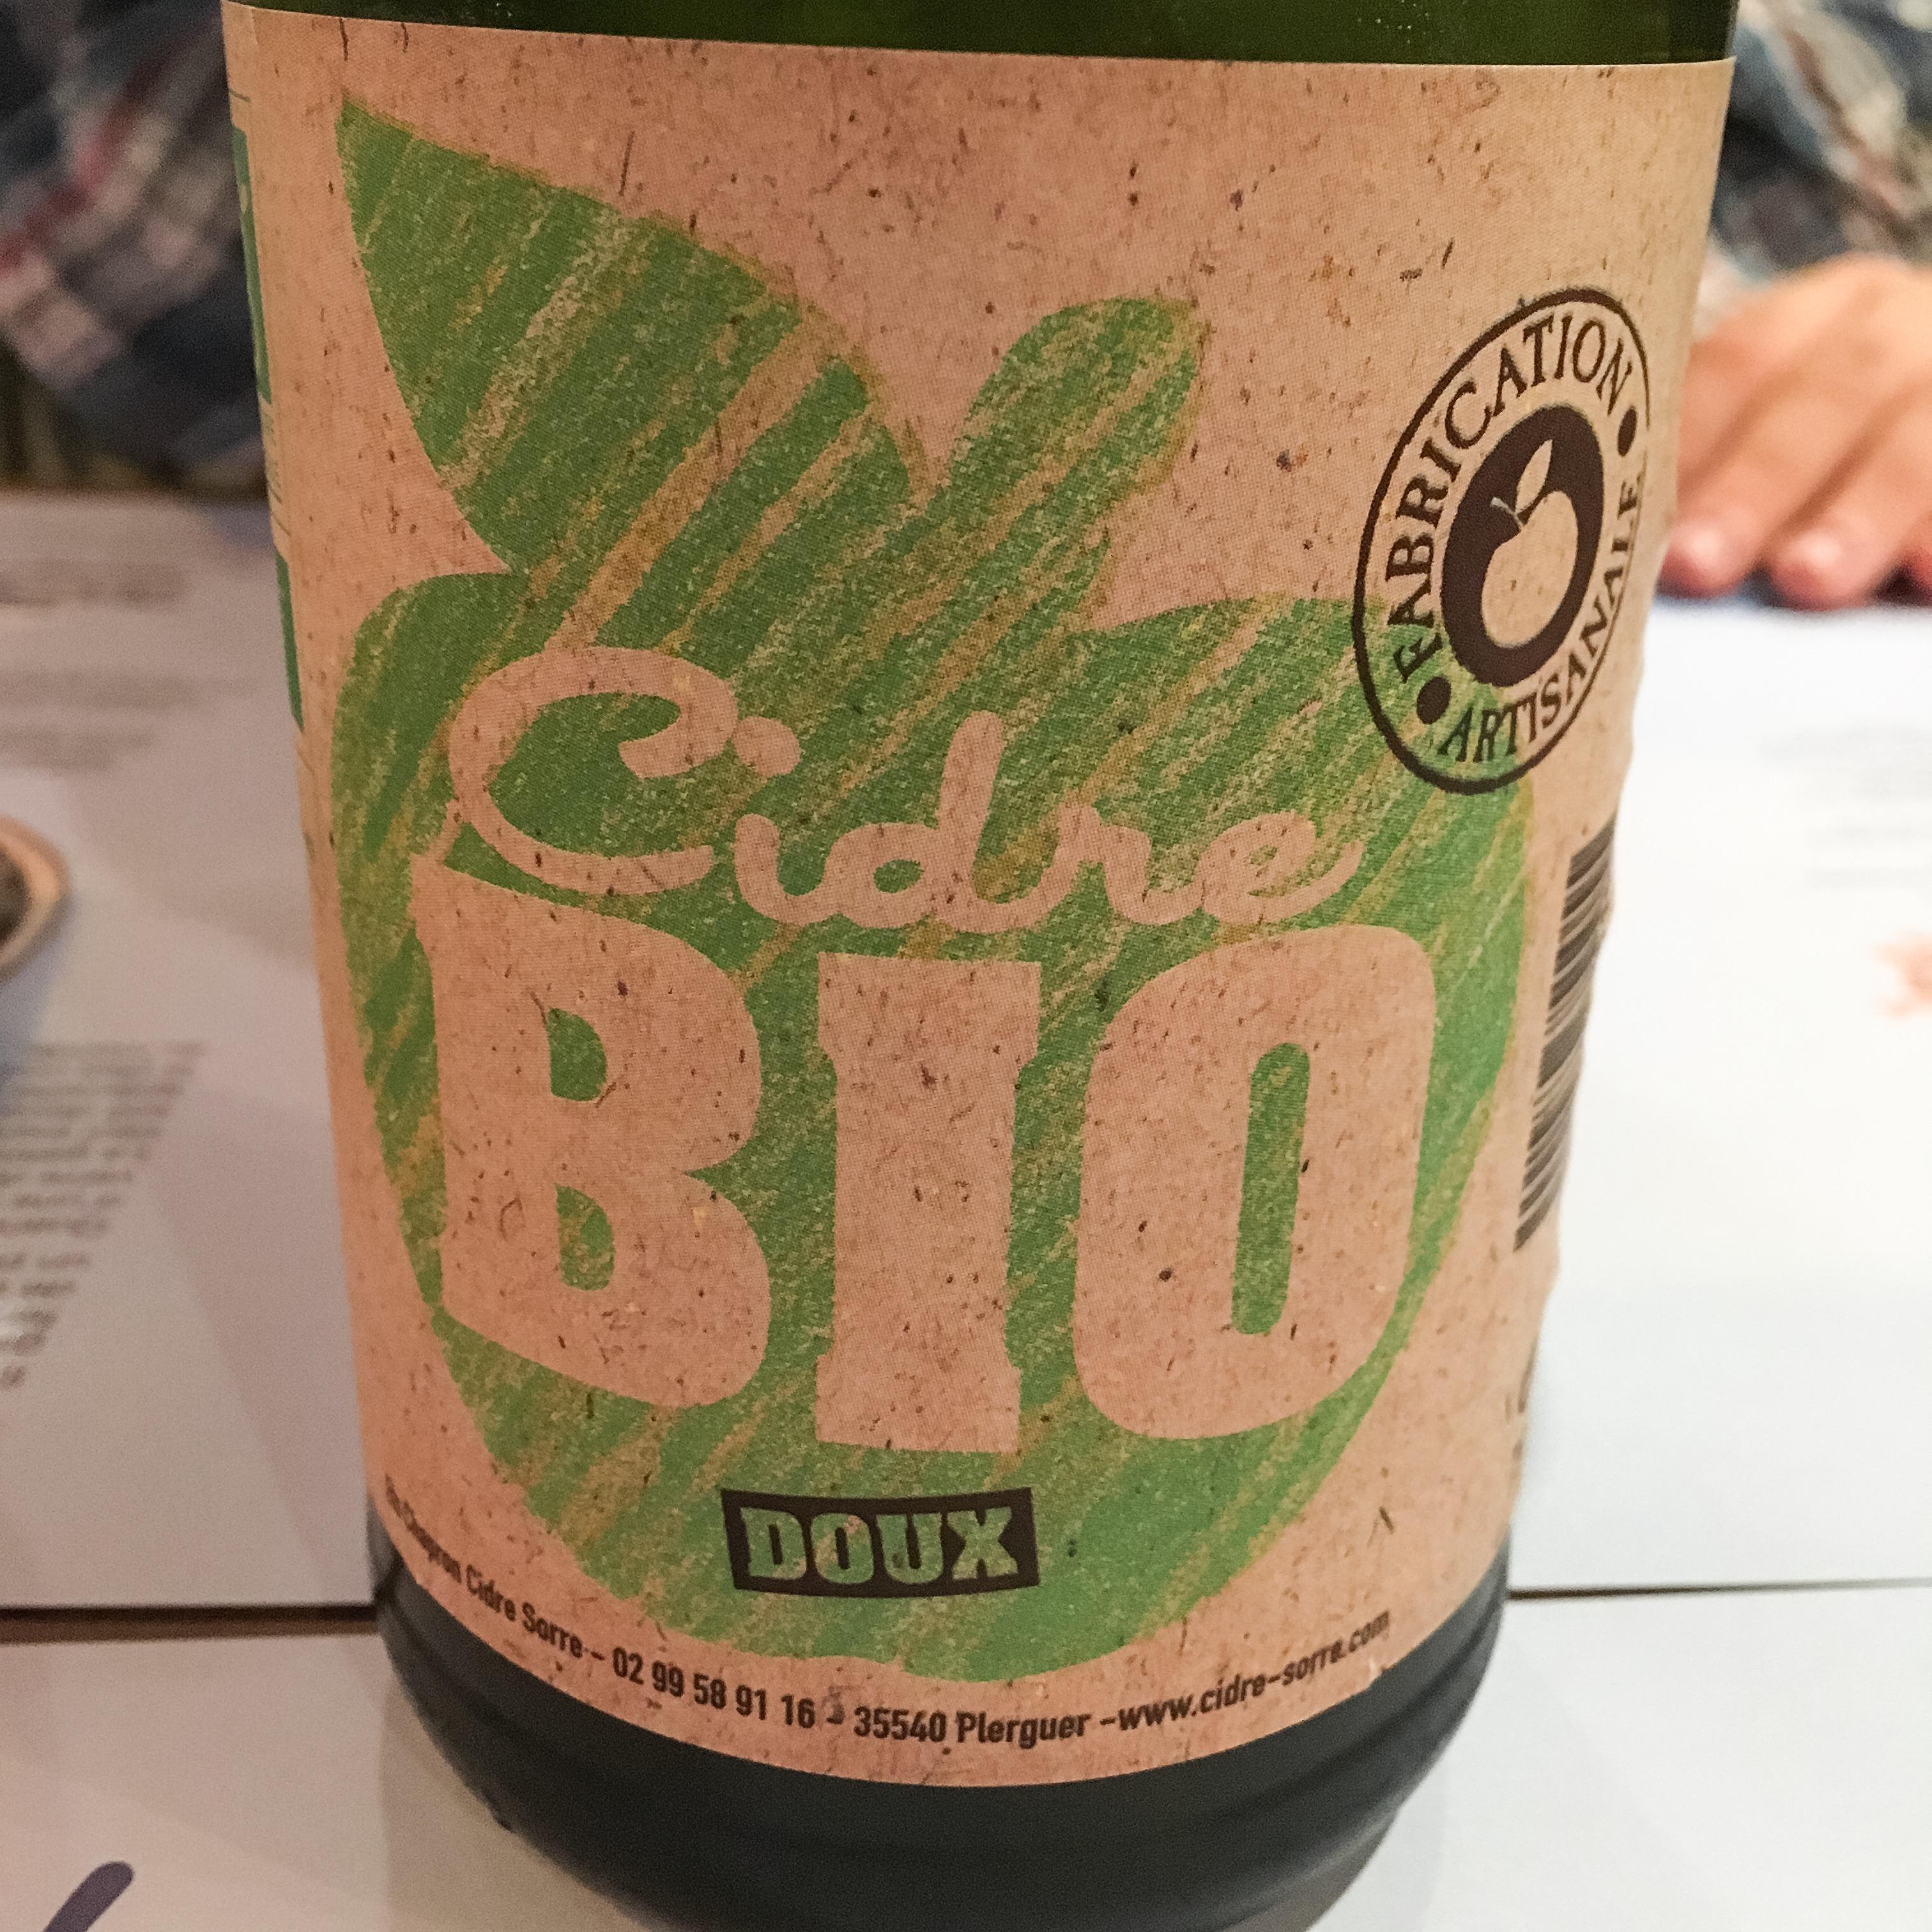 Bio Cidre im Les Matelots in Luxemburg.